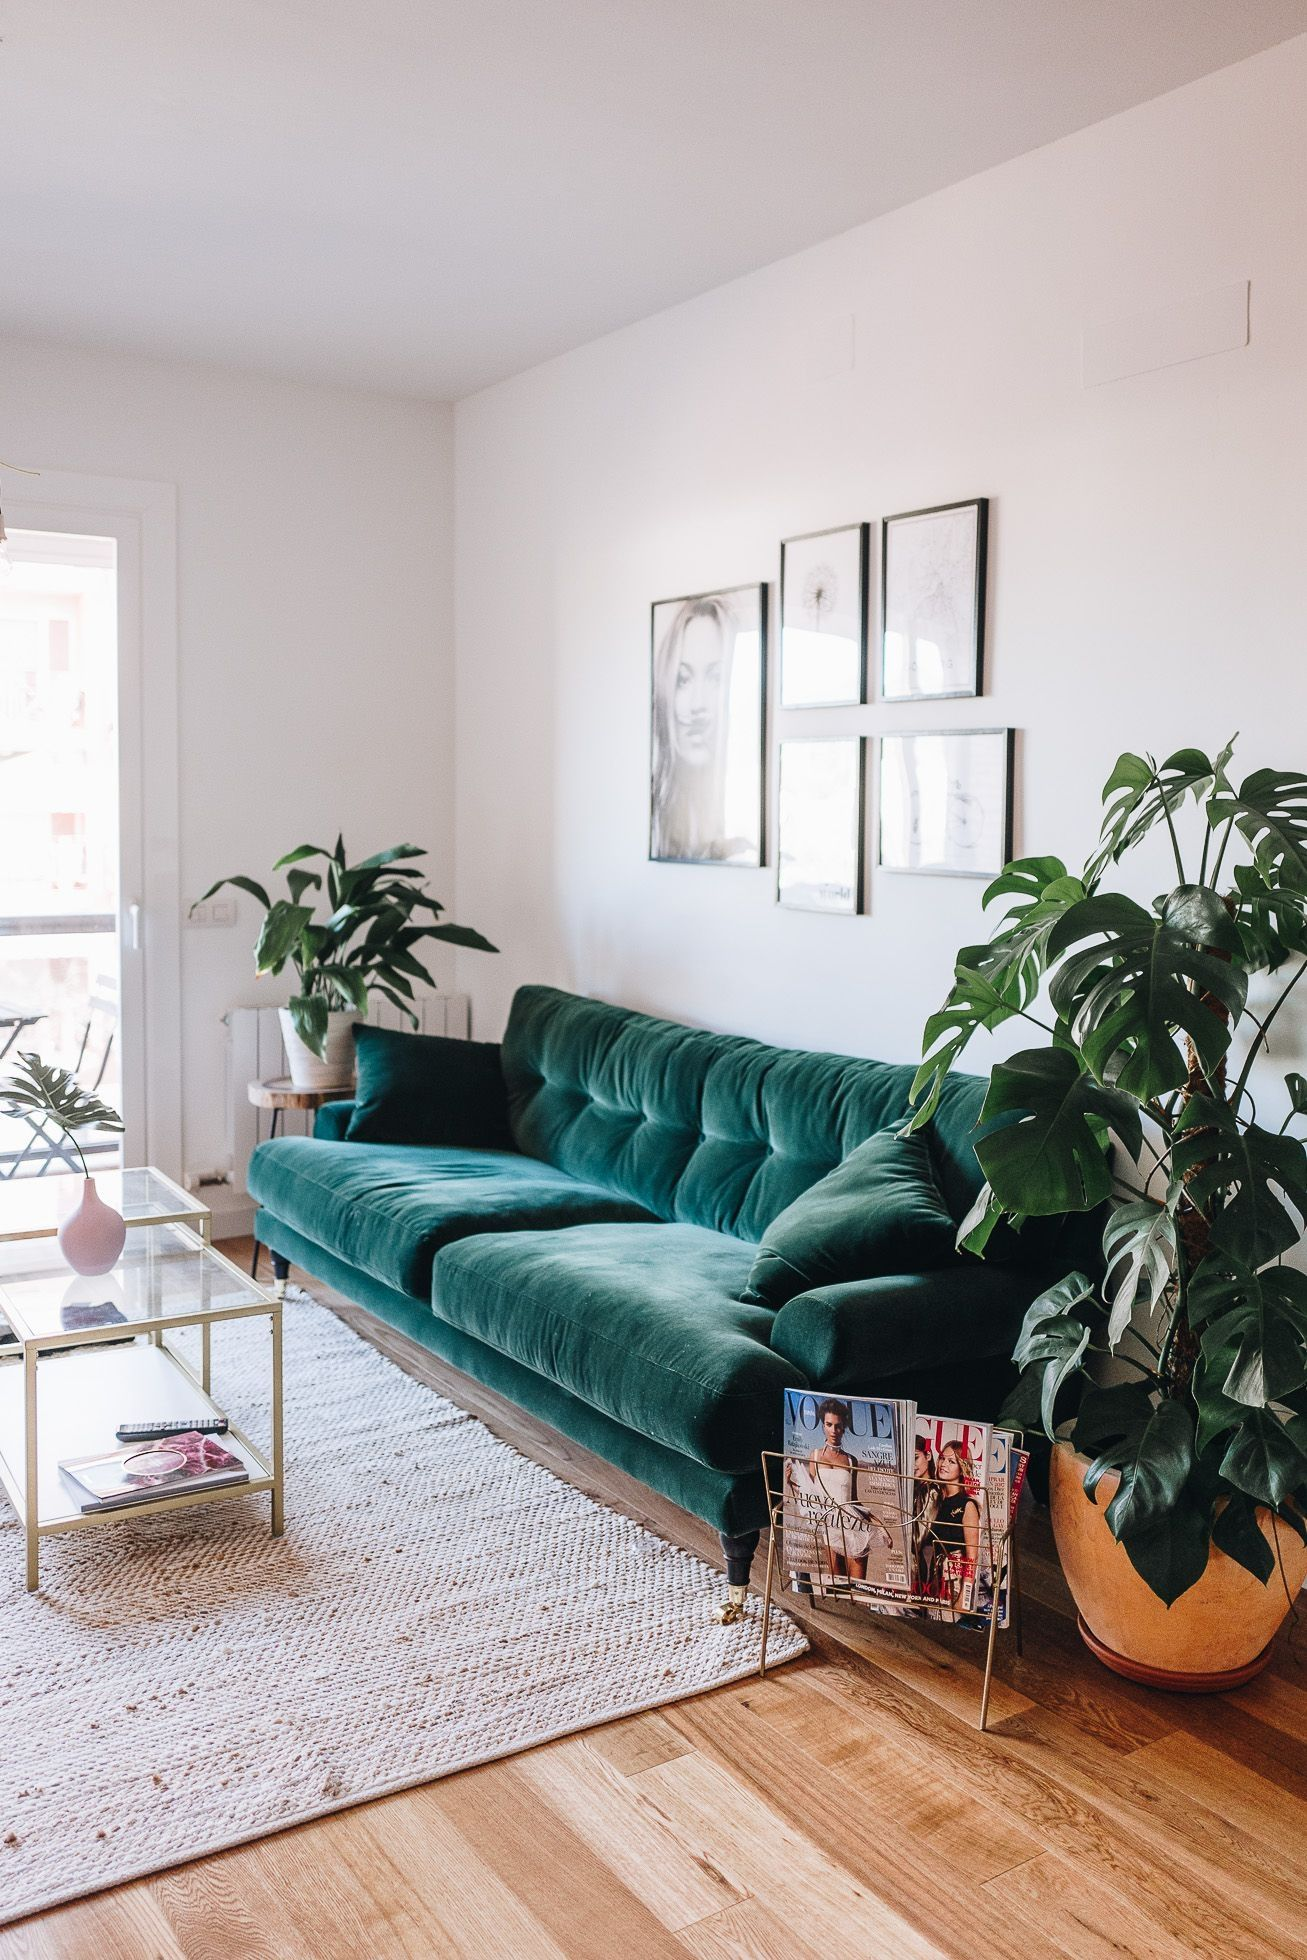 smaragdgroene bank vintage woonkamer